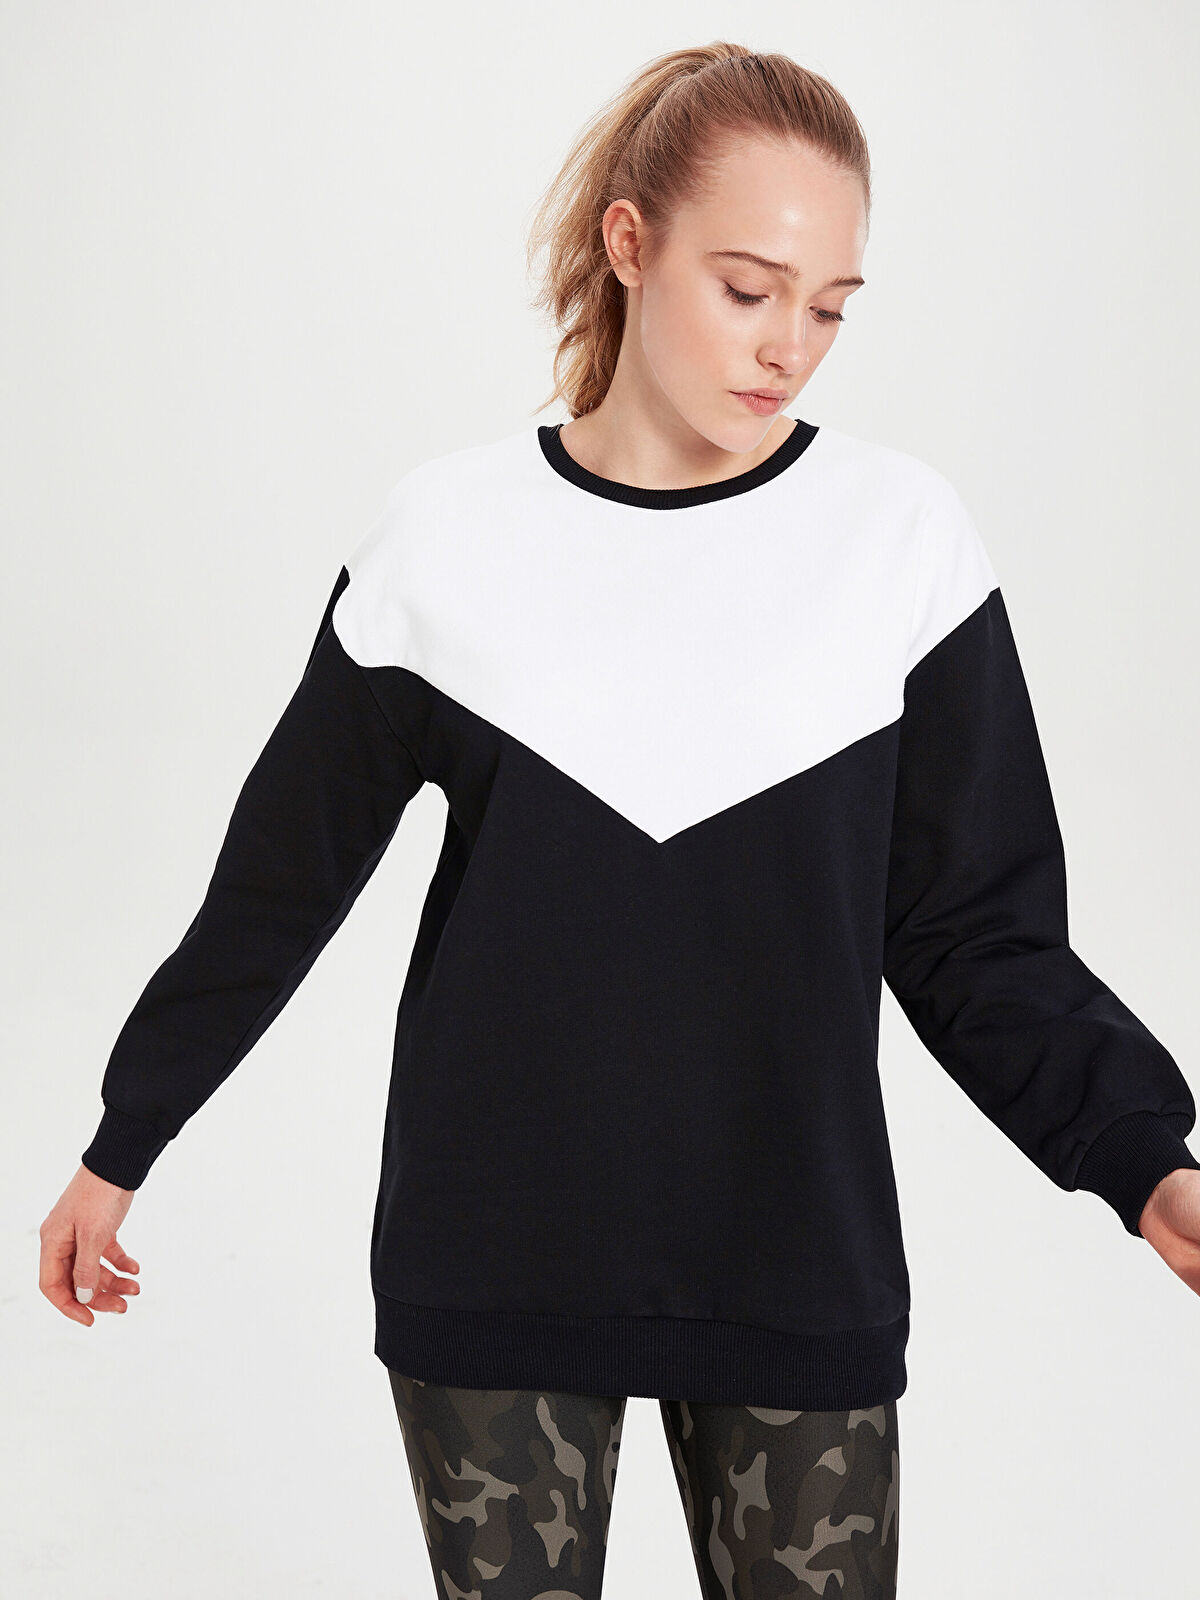 Aktif Spor Renk Bloklu Sweatshirt - LC WAIKIKI